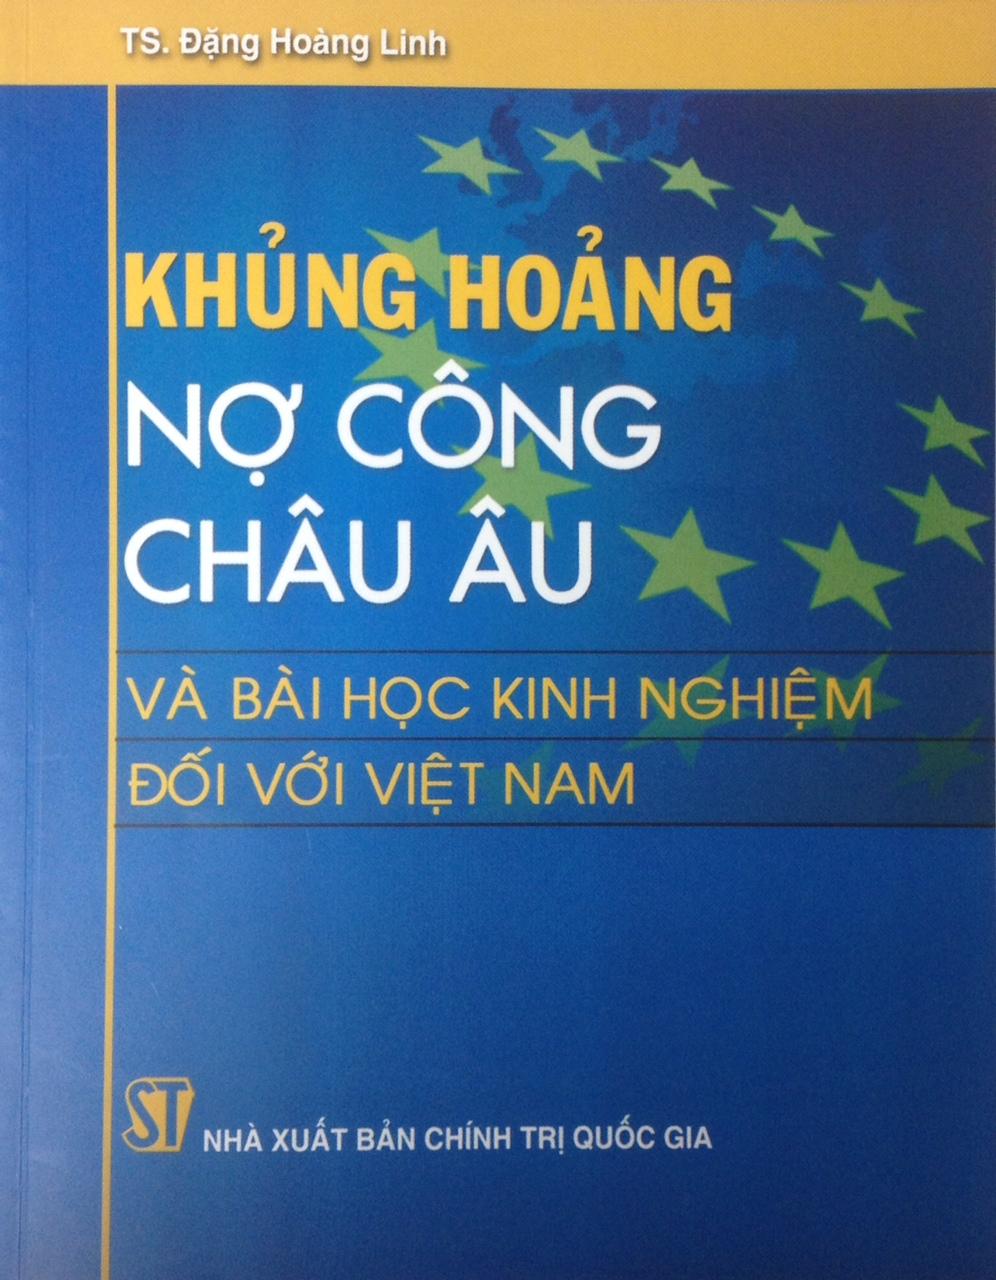 Khủng hoảng nợ công châu Âu và bài học kinh nghiệm đối với Việt Nam